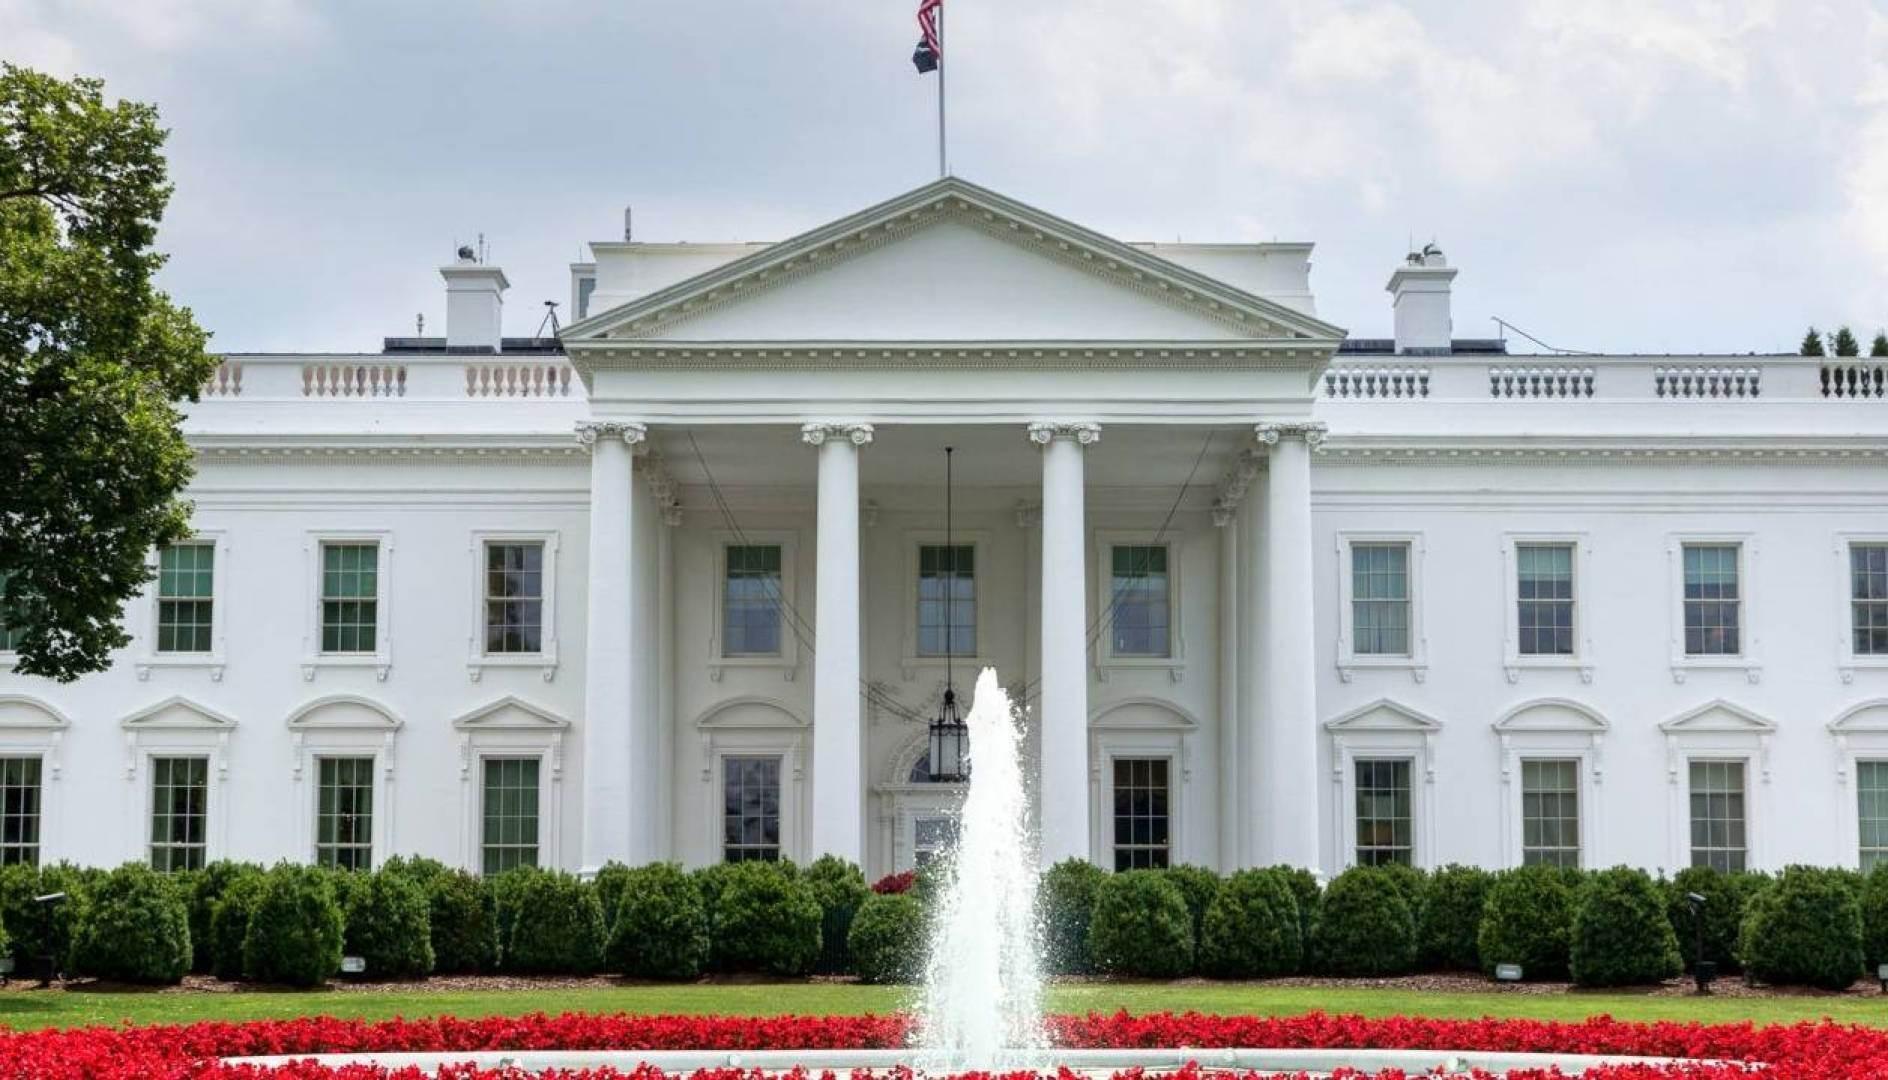 البيت الأبيض أحجم الرد على المعلومات حول الرسالة المسمومة